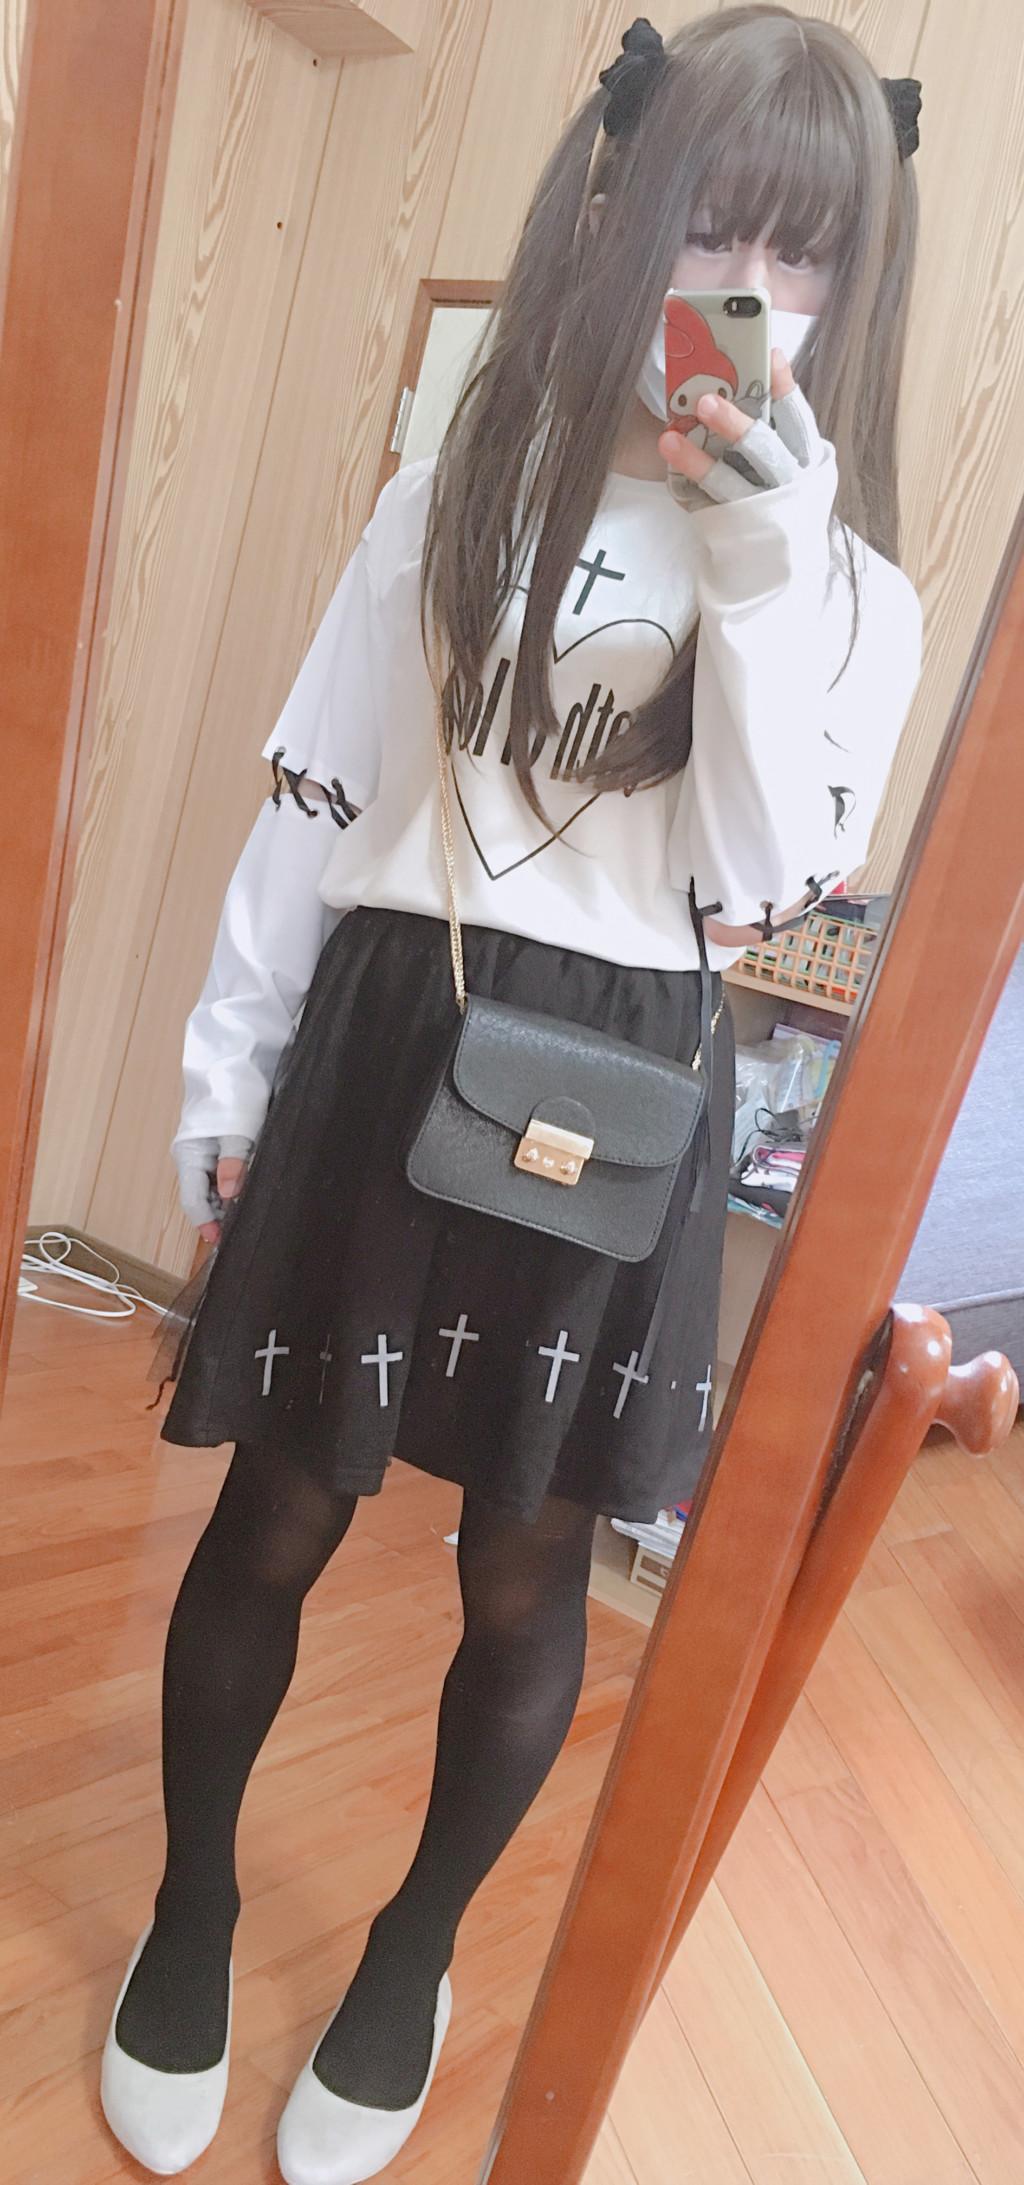 7ゴスロリ トレーナー+スカート